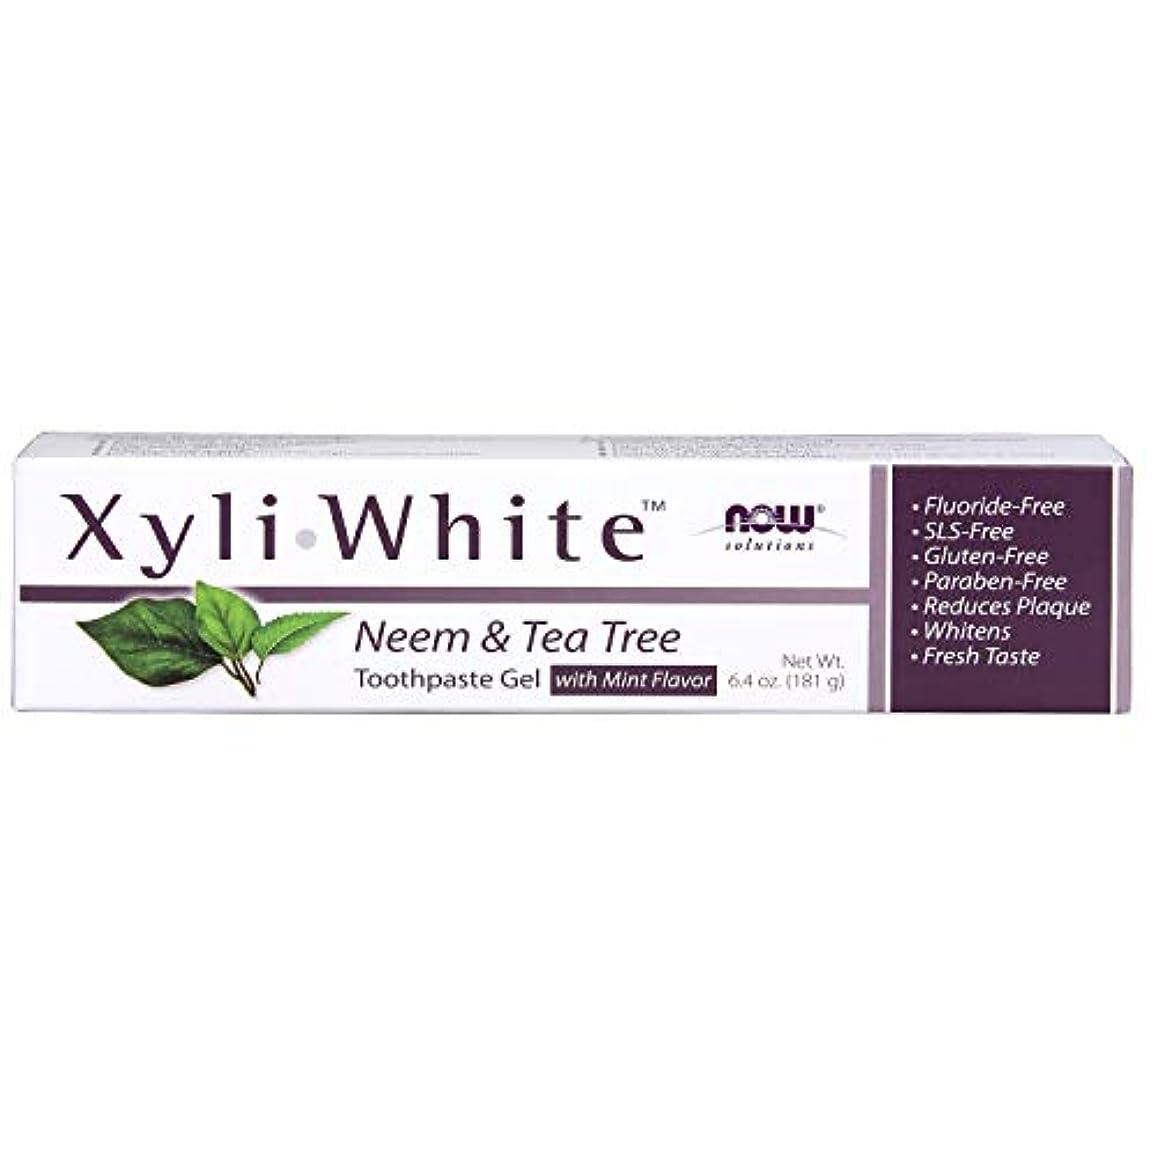 磁気混雑強風キシリトール 歯磨きジェル  ニーム&ティーツリーミントフレーバー 6.4 oz (181 g)